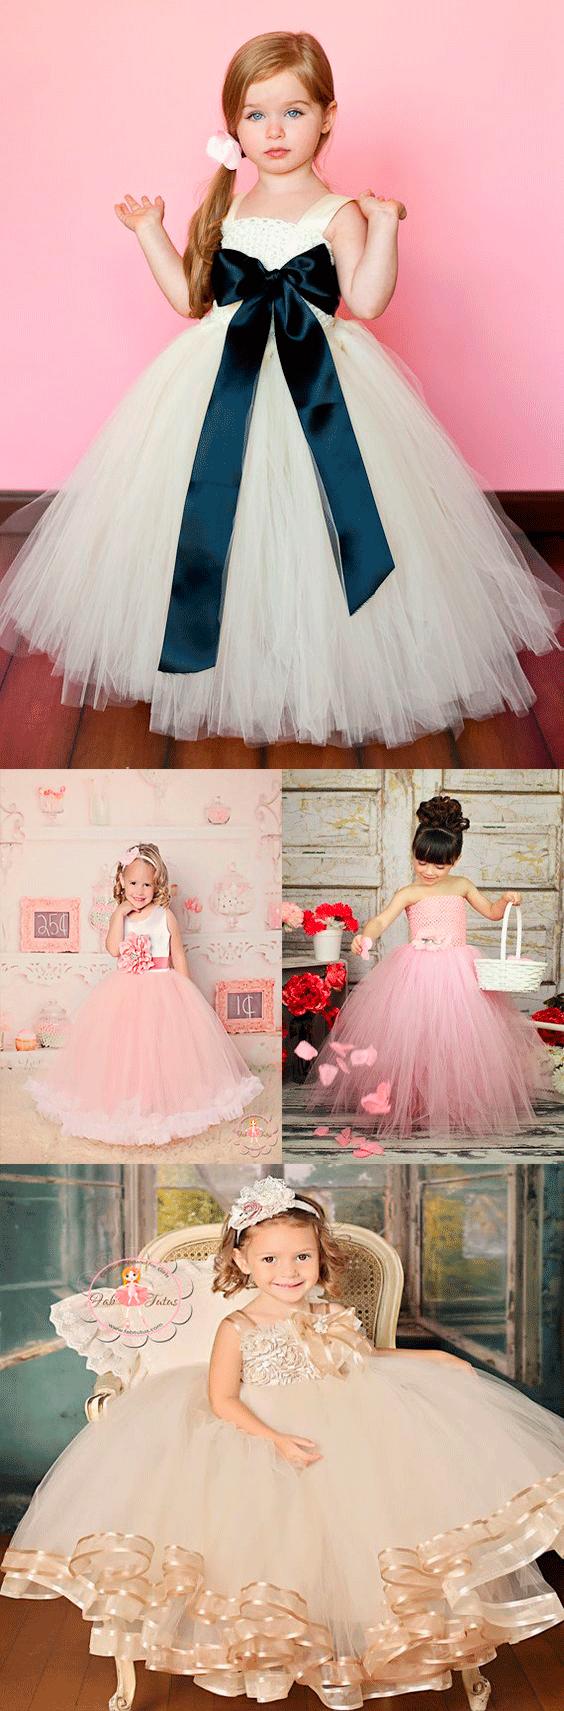 Pin de Patrones de costura en Vestidos para niñas | Pinterest ...